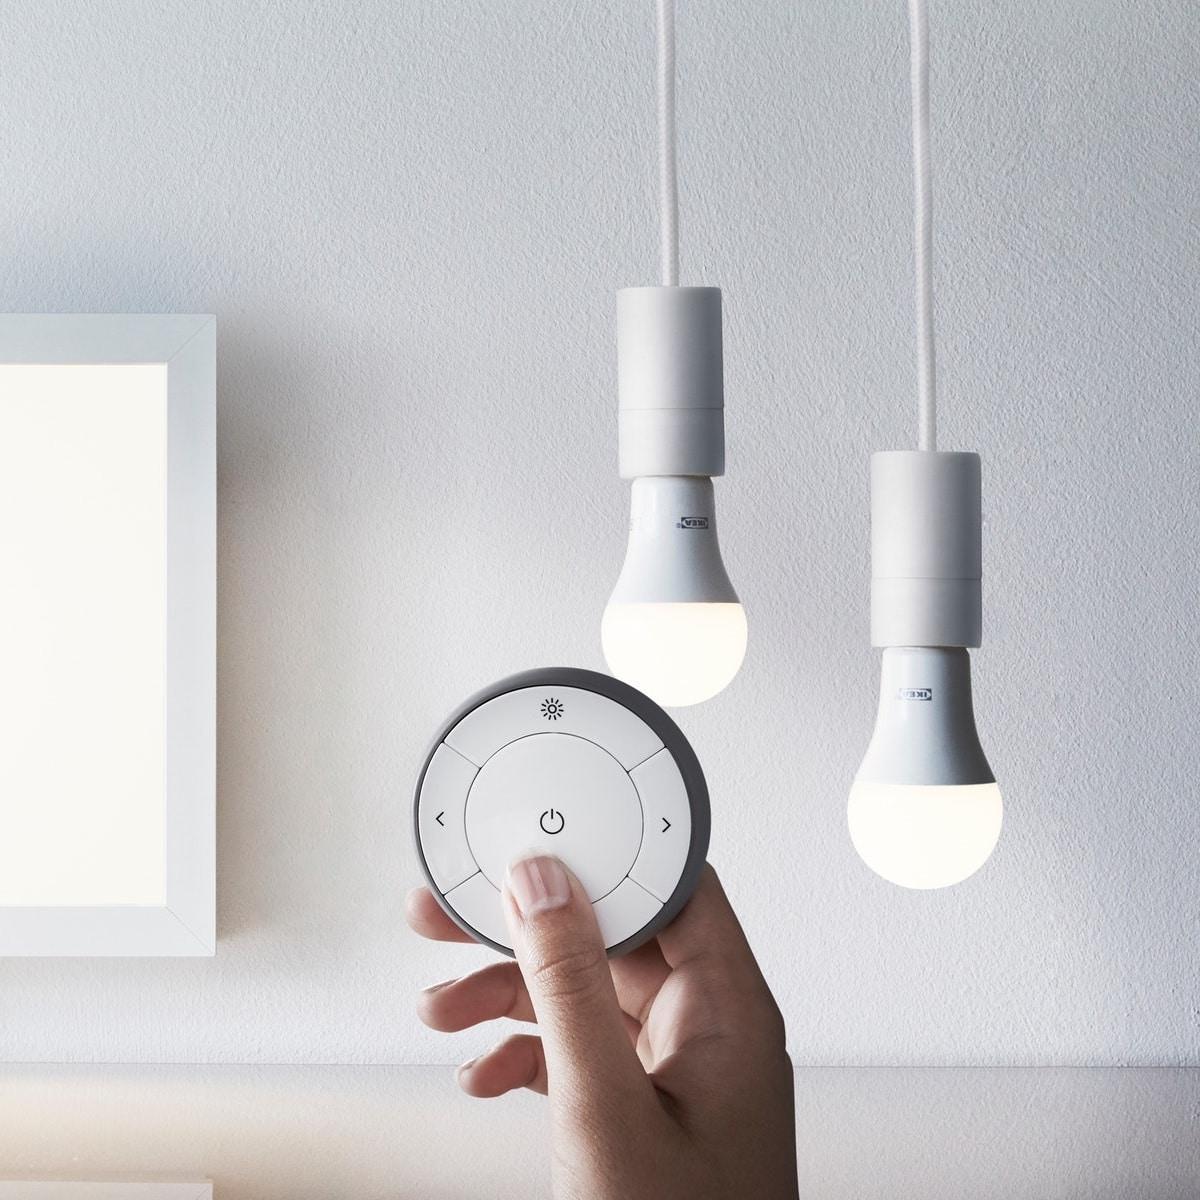 يشمل طقم تخفيت الإضاءة ذي الطيف الأبيض TRÅDFRI لمبة LED وجهاز التحكم عن بُعد.